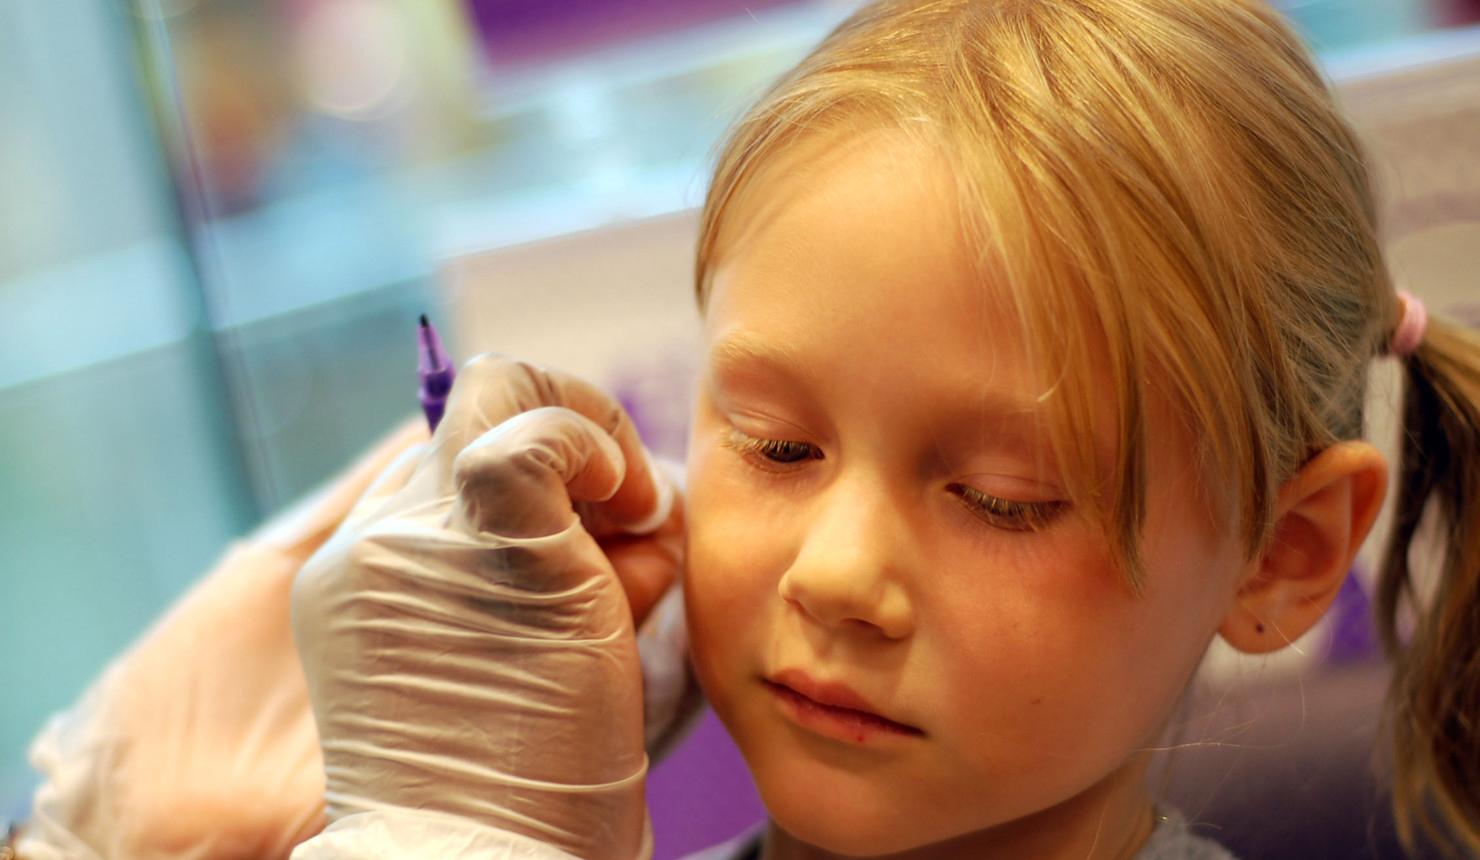 Little Girl Getting Her Ears Pierced